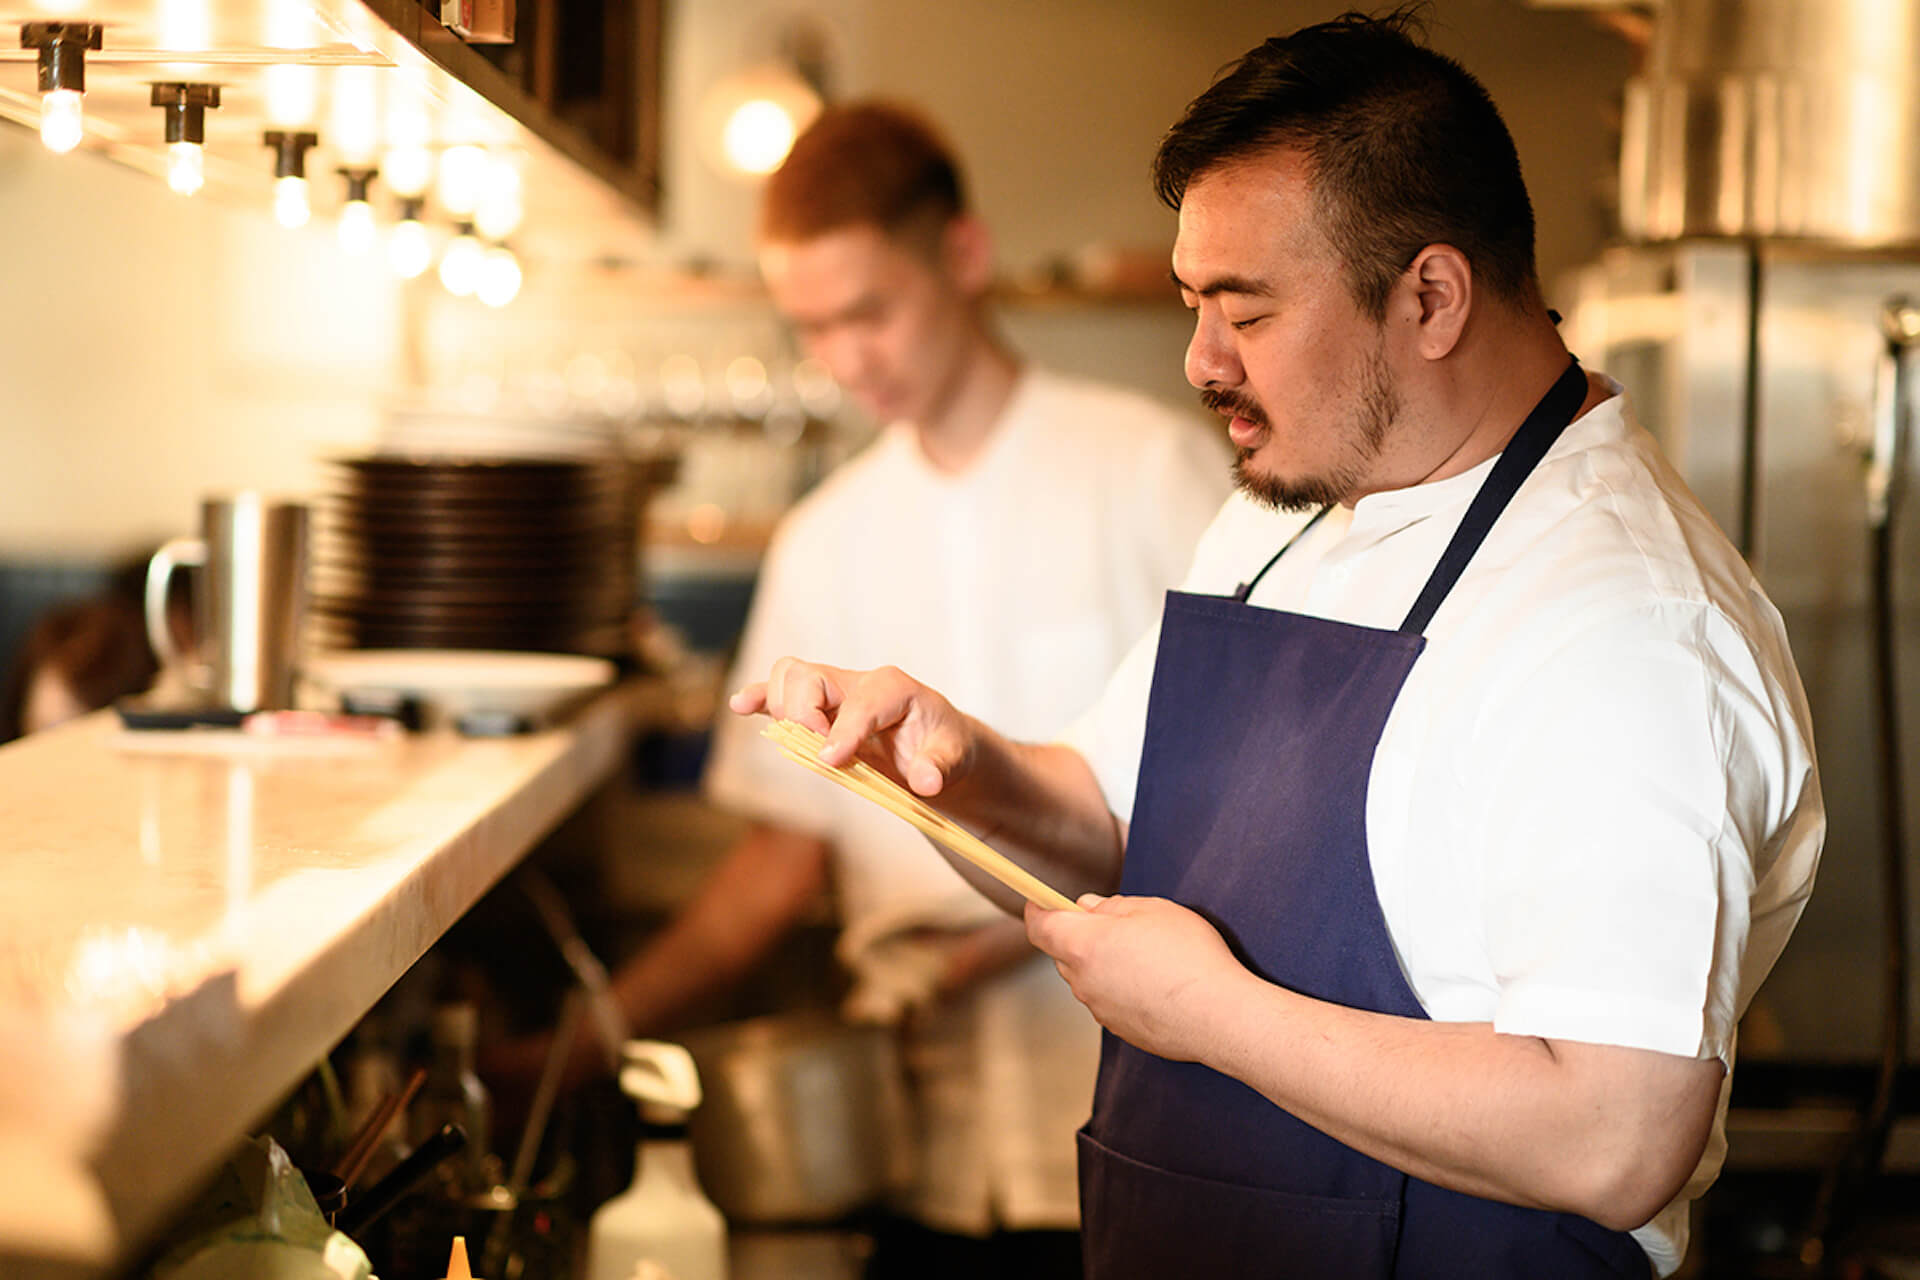 代々木上原の人気レストラン『sio』のオーナーシェフ鳥羽周作氏が語る、料理業界にかける熱い思い gourmet201119_mondoalfa_sio_6